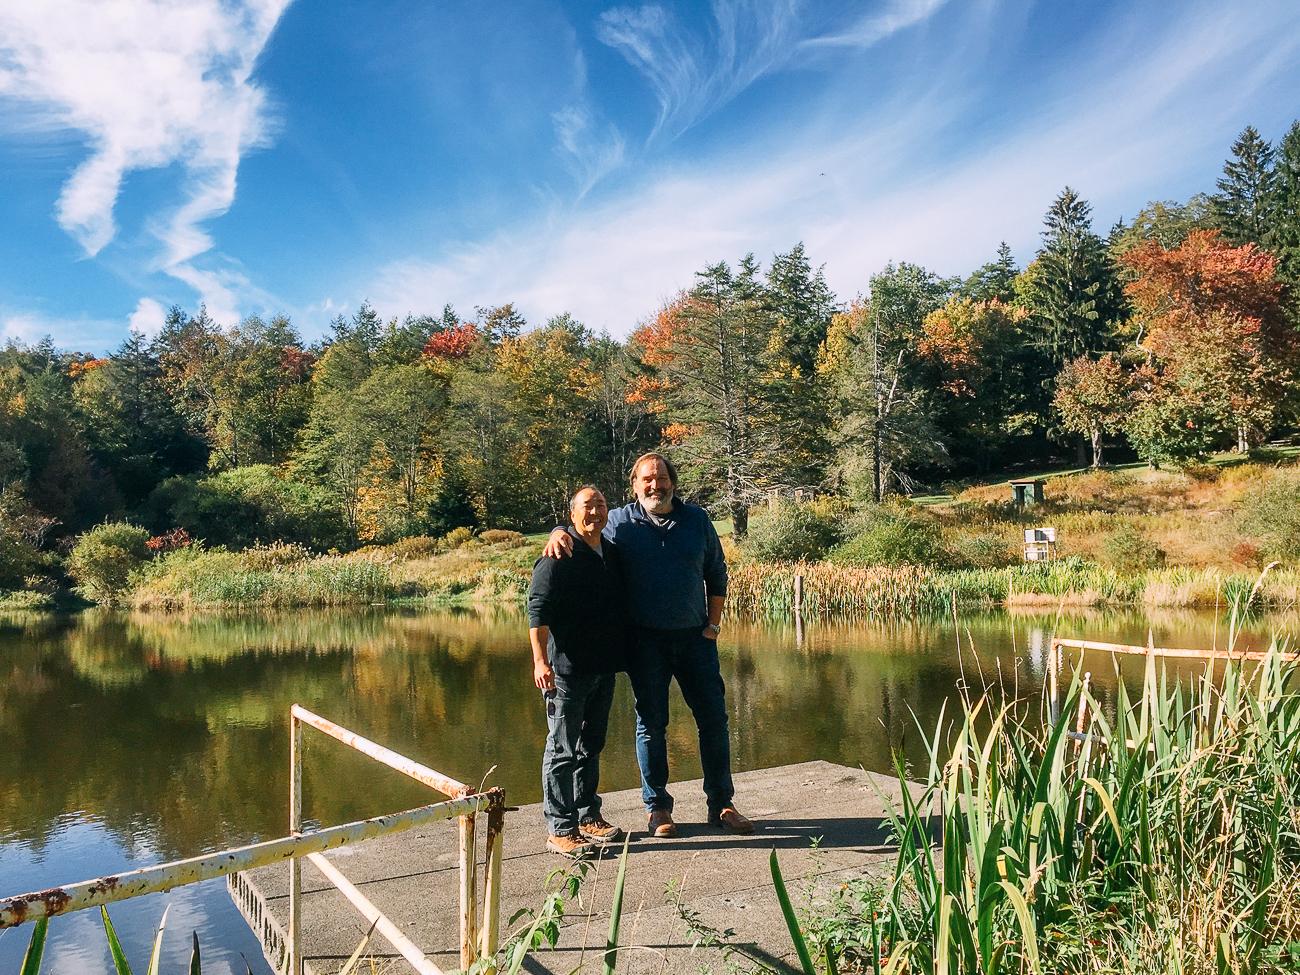 Bill and David at the Lake